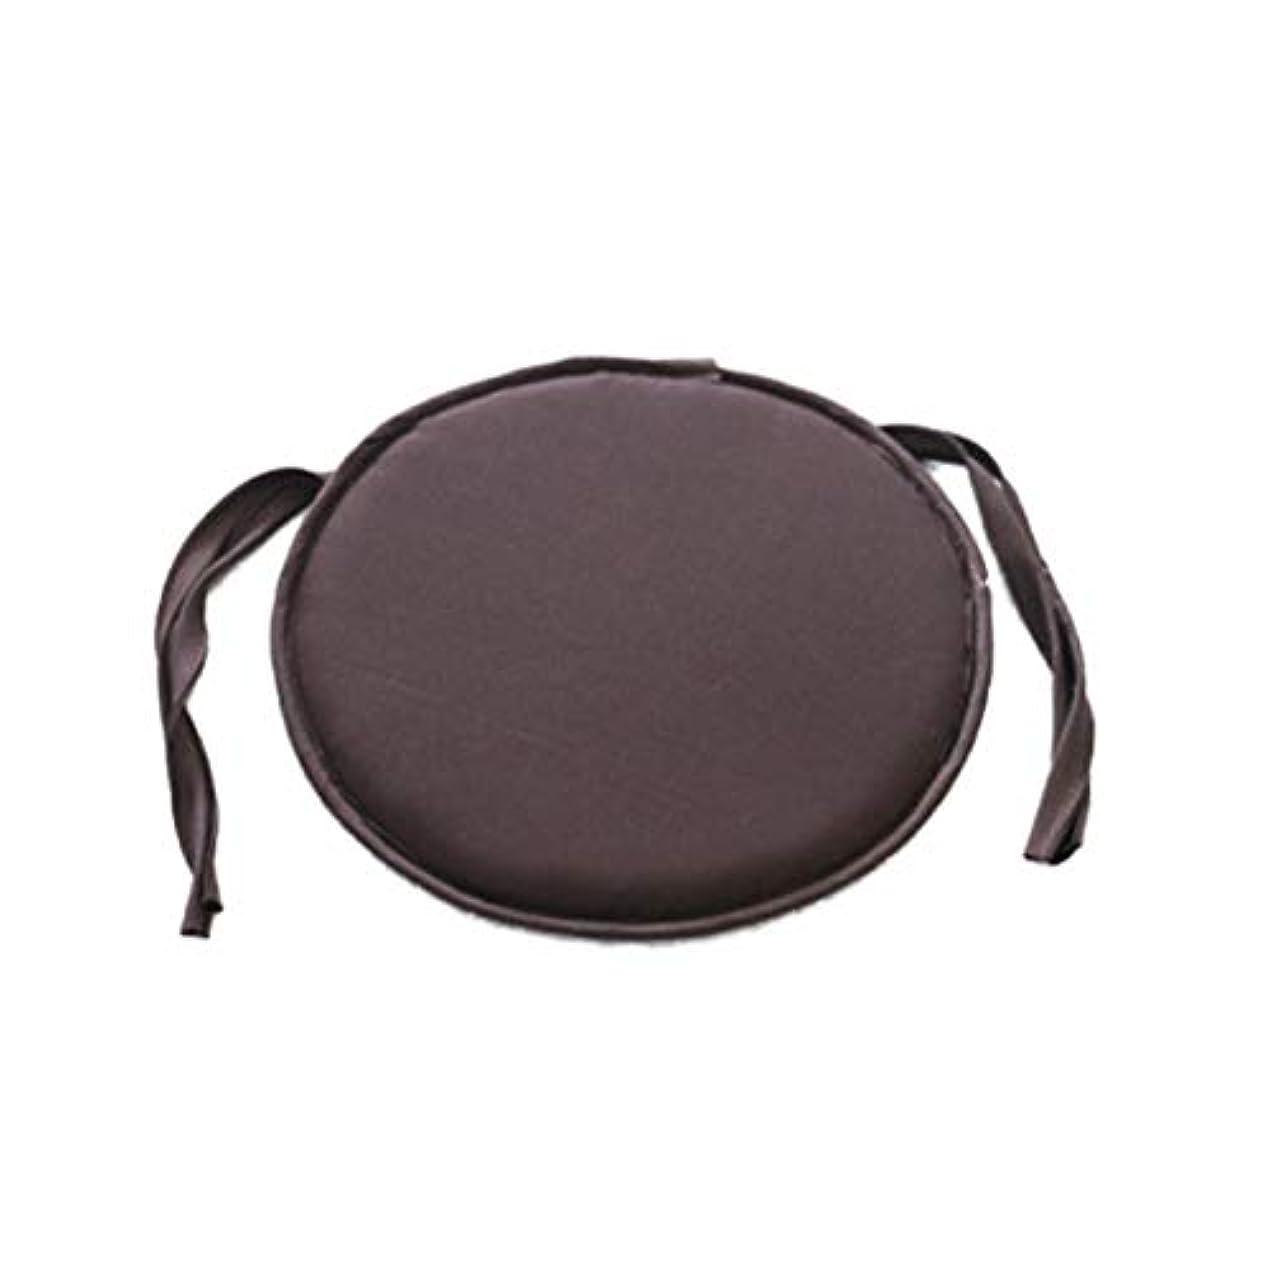 LIFE ホット販売ラウンドチェアクッション屋内ポップパティオオフィスチェアシートパッドネクタイスクエアガーデンキッチンダイニングクッション クッション 椅子